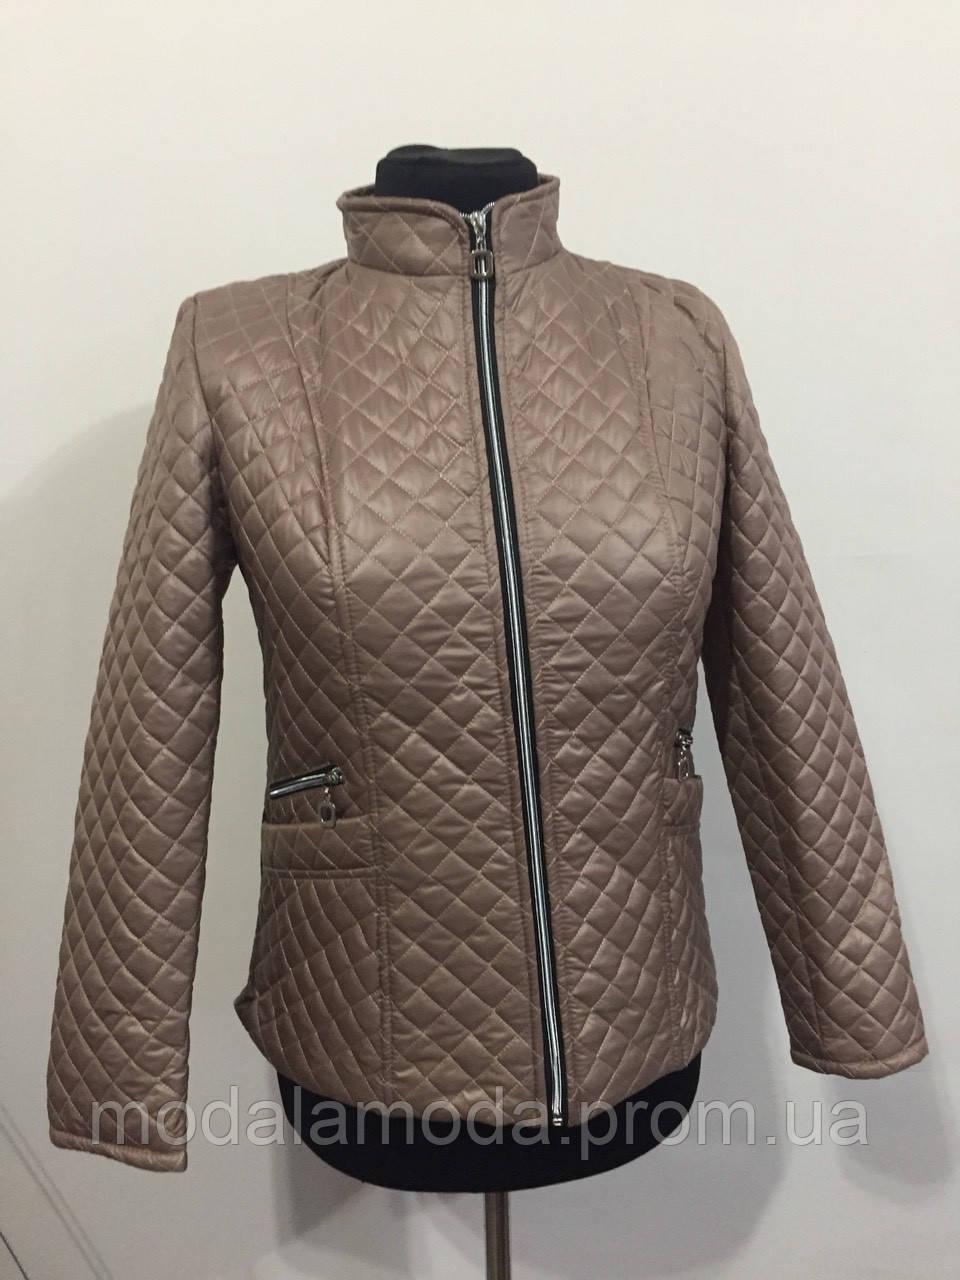 Куртка стеганная женская большого размера